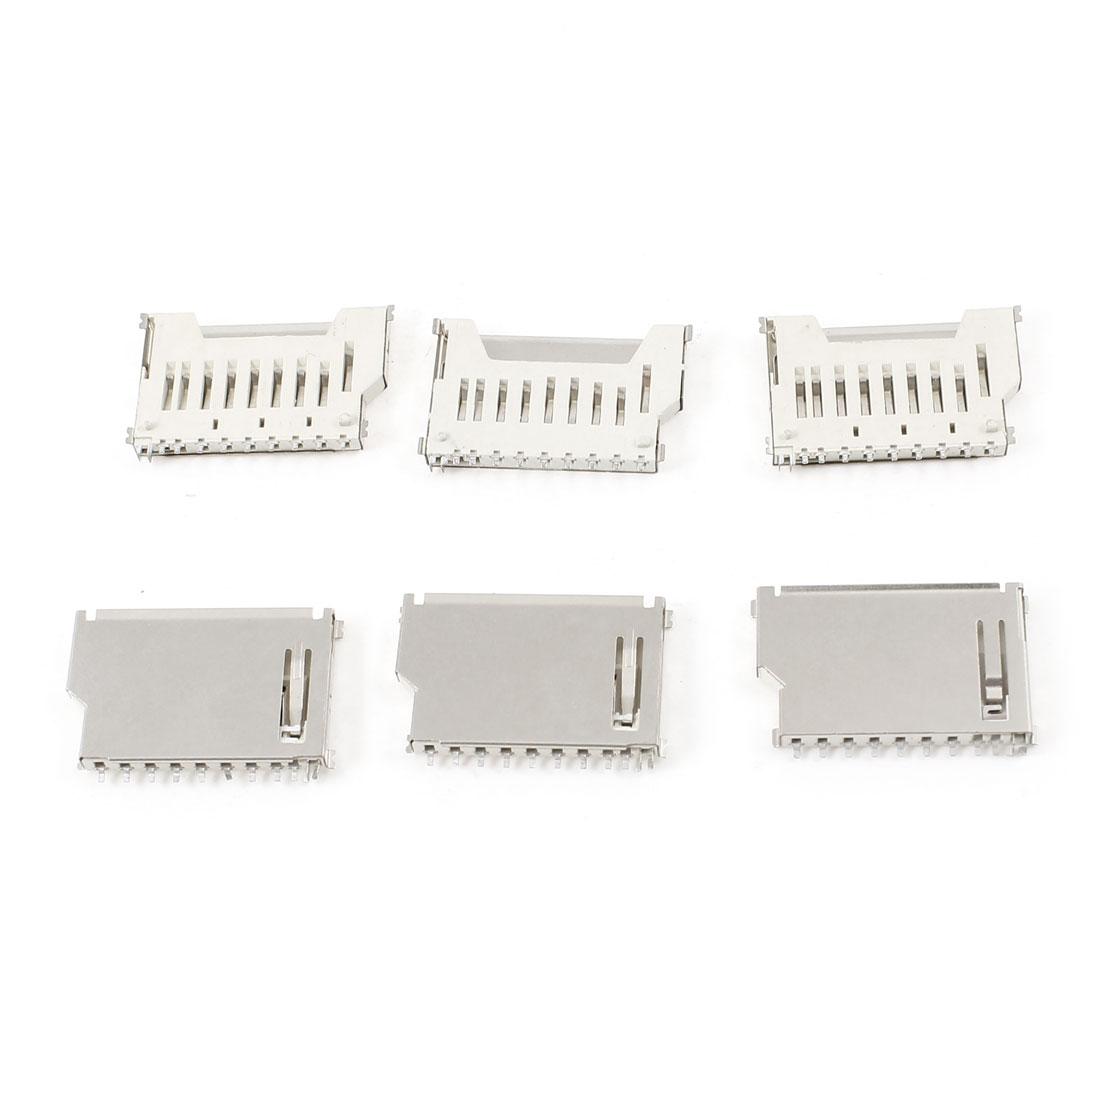 6 Pcs Metal Housing TF Micro SD Memory Card Sockets Connectors Slot